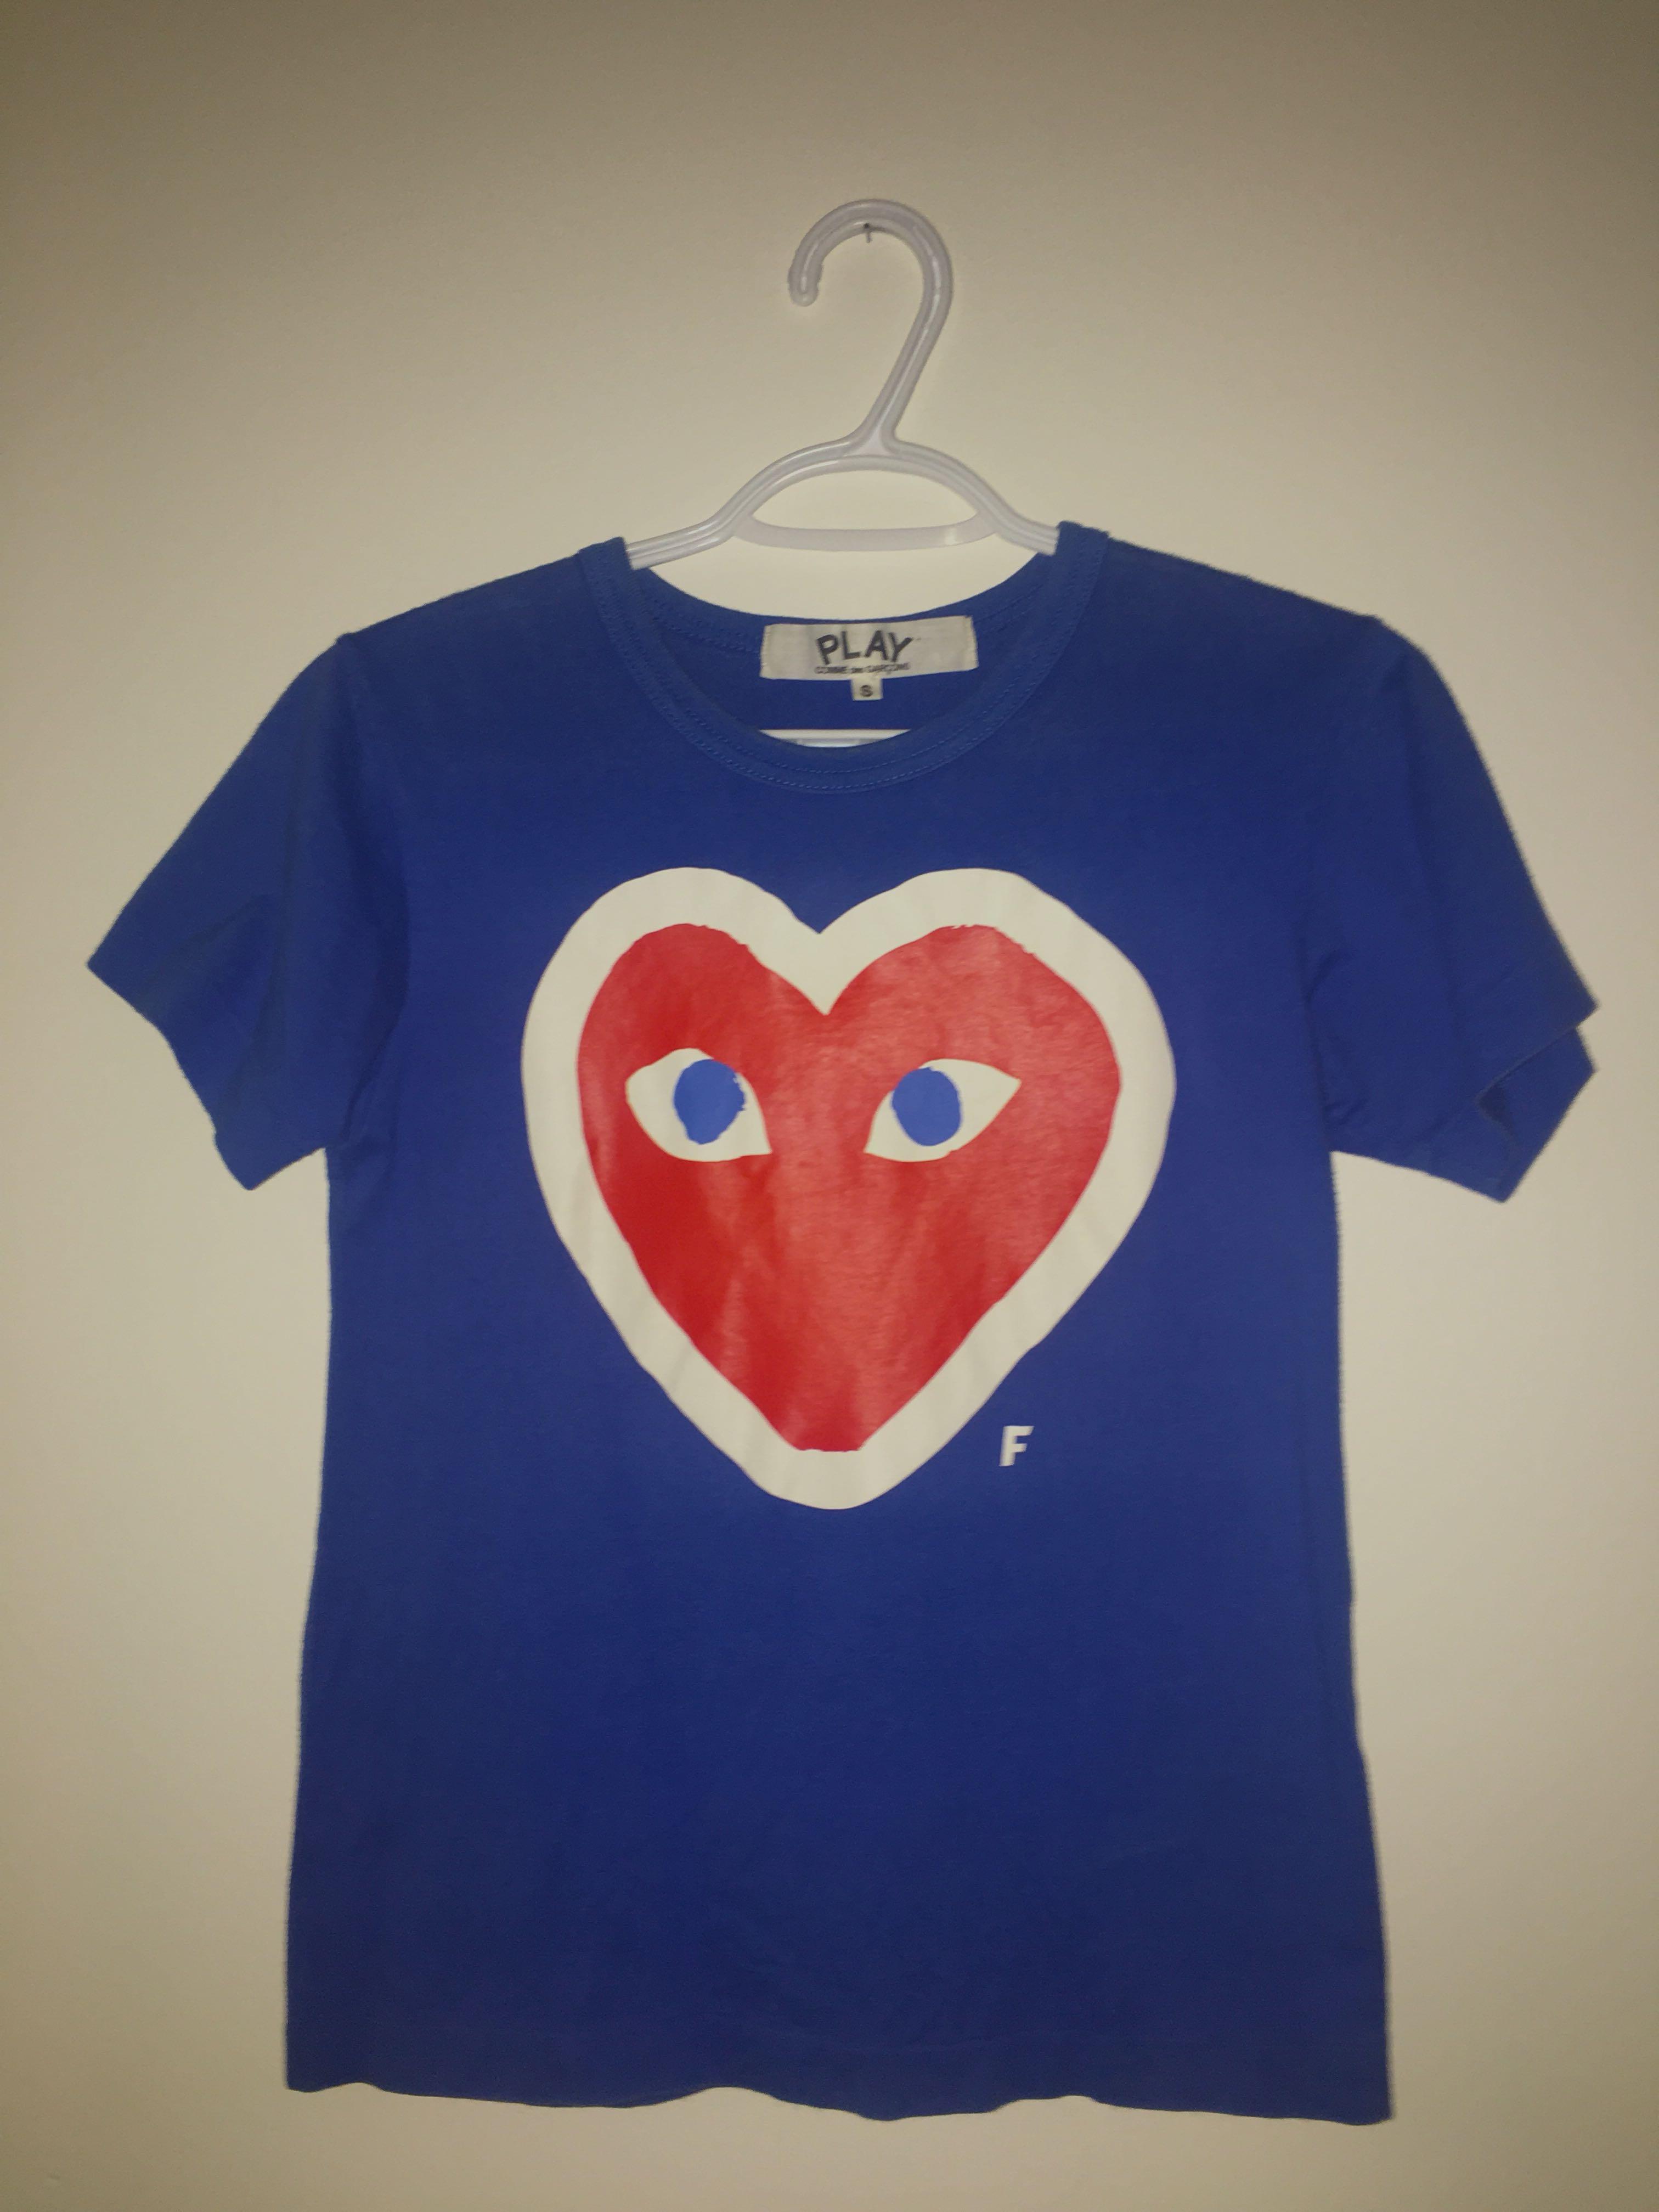 Comme Des Garçons T-shirt: Small